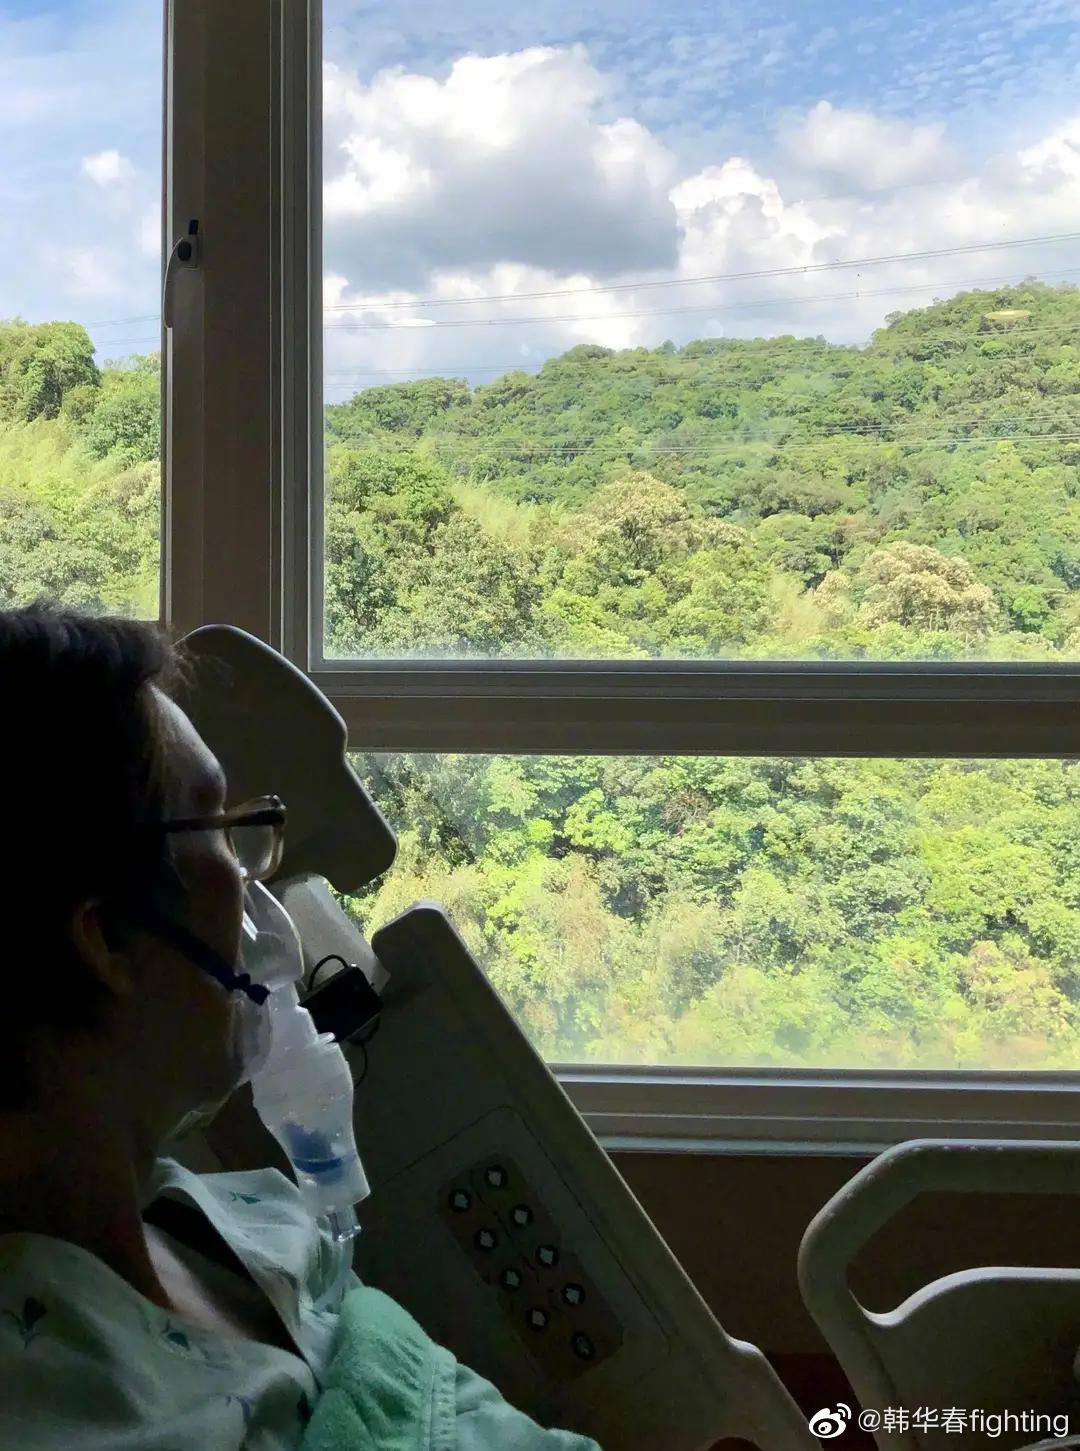 林志炫晒近照头戴呼吸机,脸部消瘦面容憔悴引人担忧